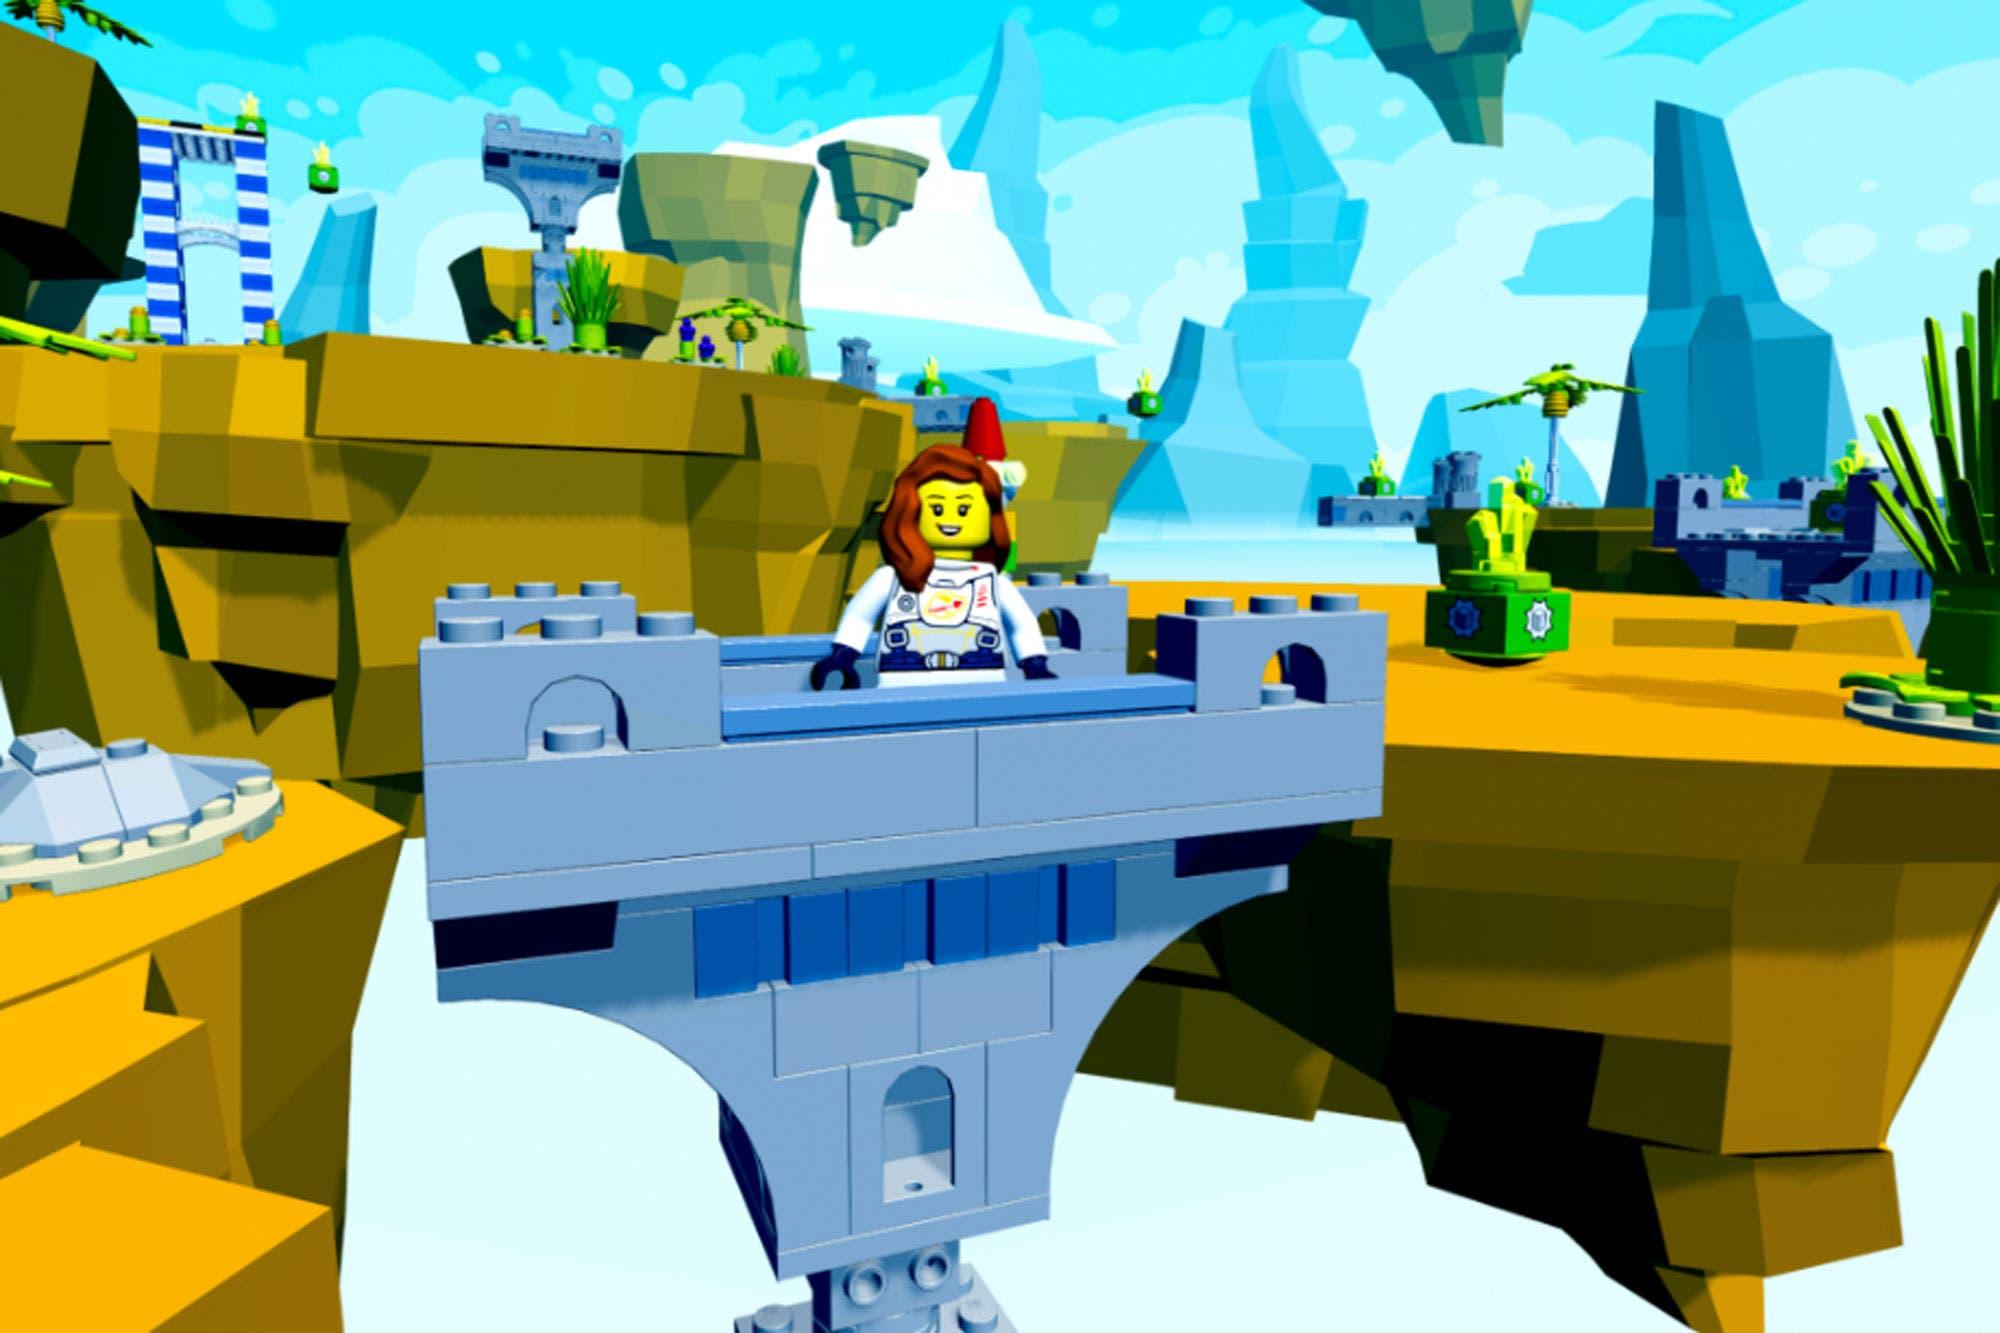 Sin código: ahora se puede crear un videojuego con bloques virtuales con Lego y Unity